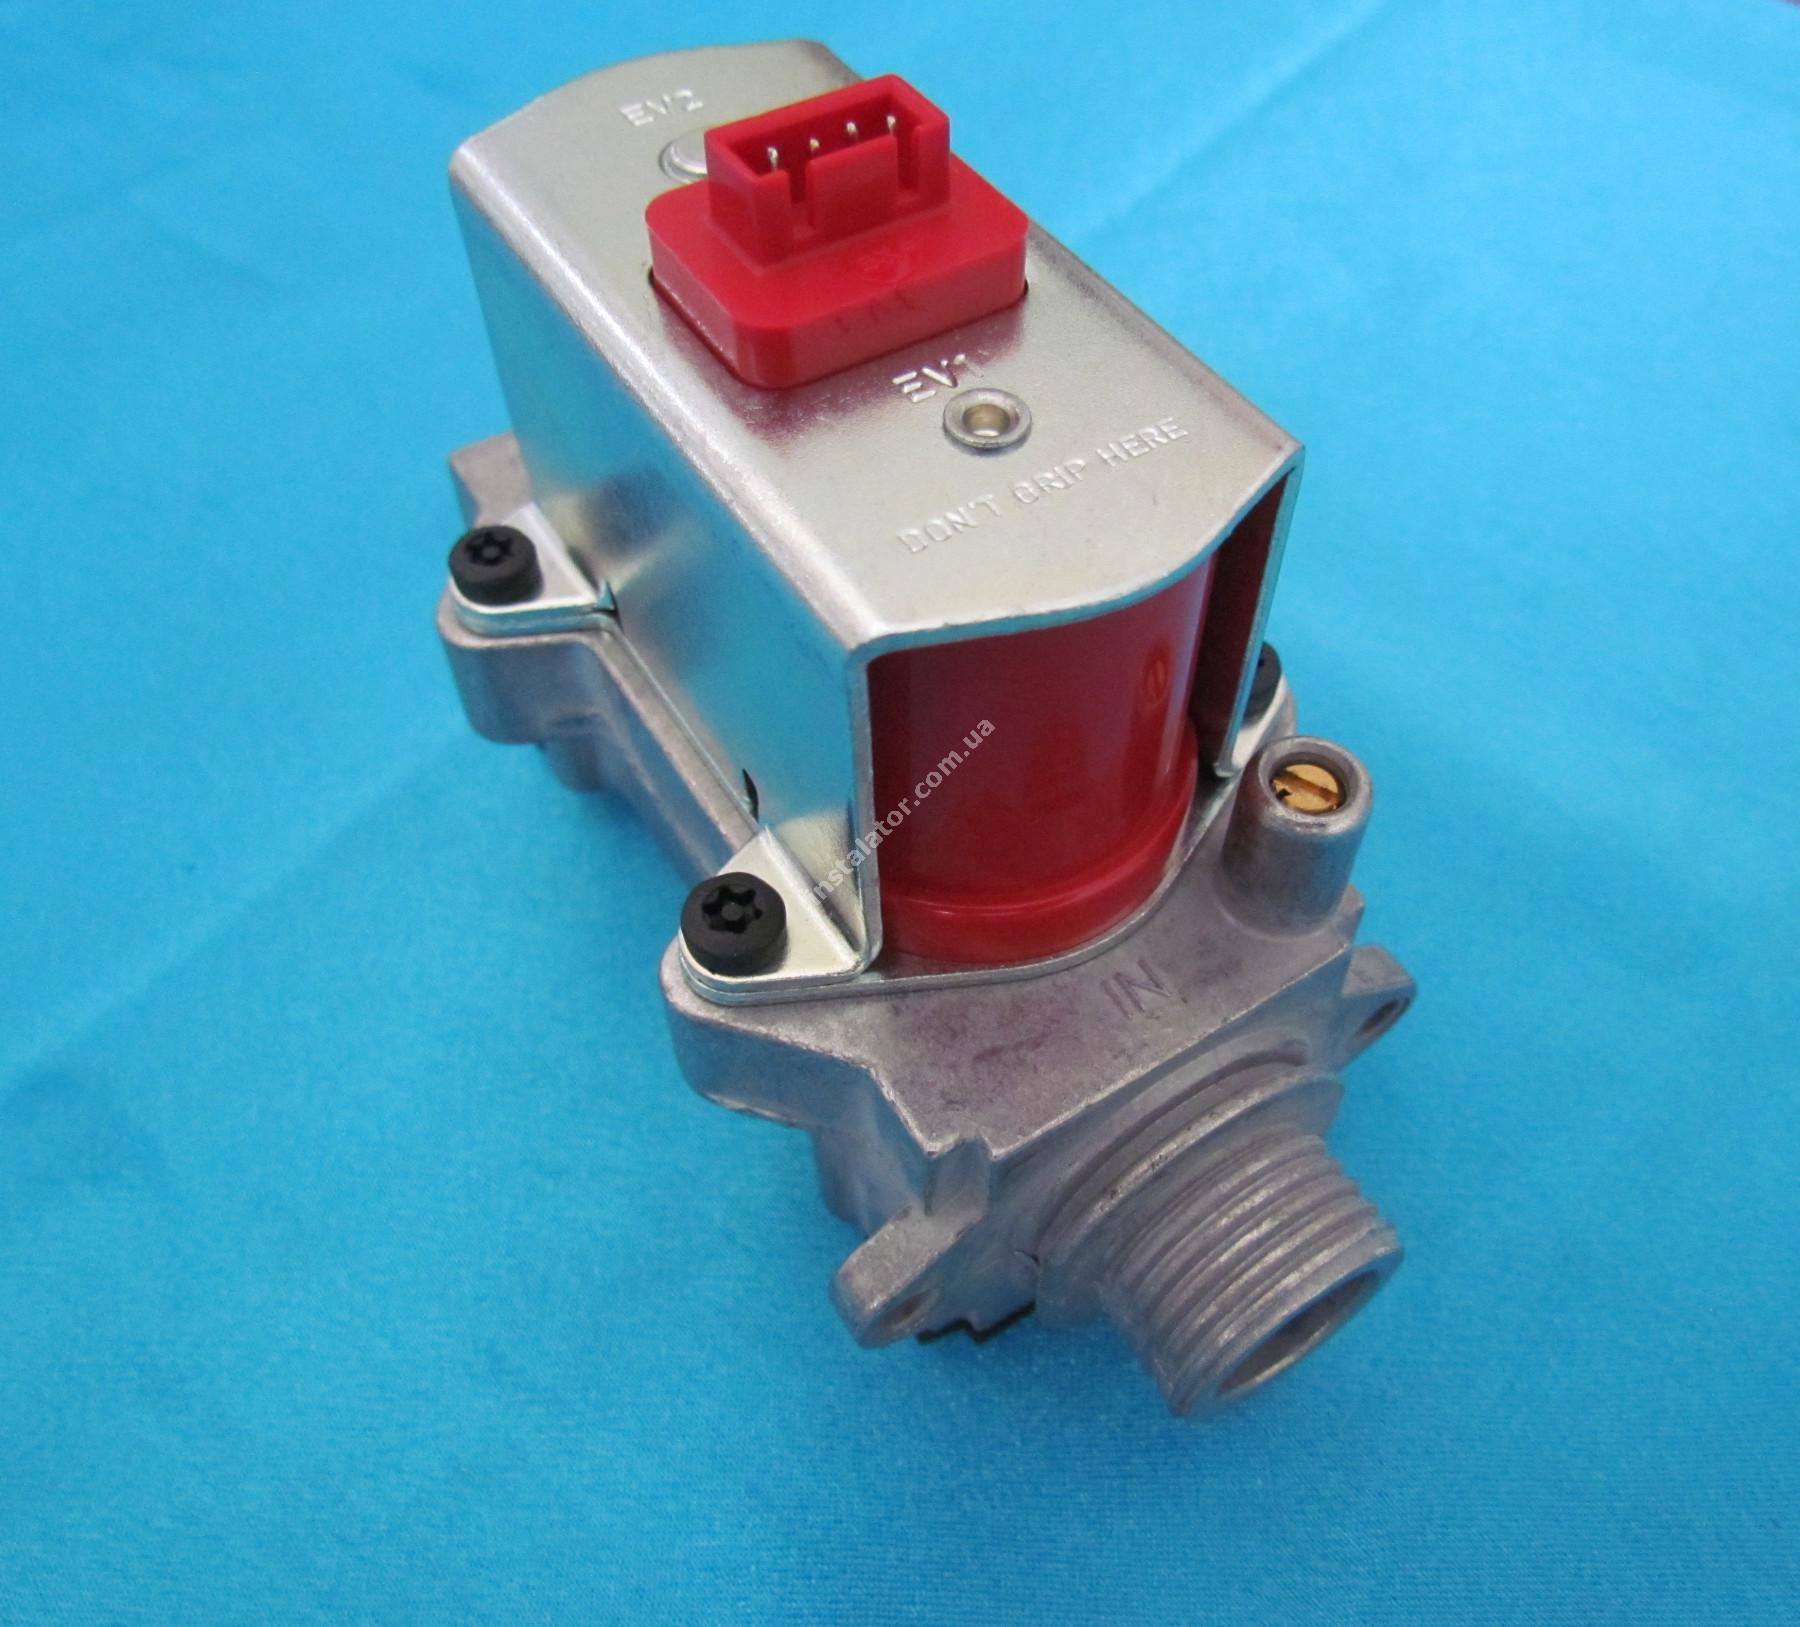 39841320 Газовый клапан Ferroli Domiproject D, Domitech D, FerEasy D 24-32 кВт. full-image-2